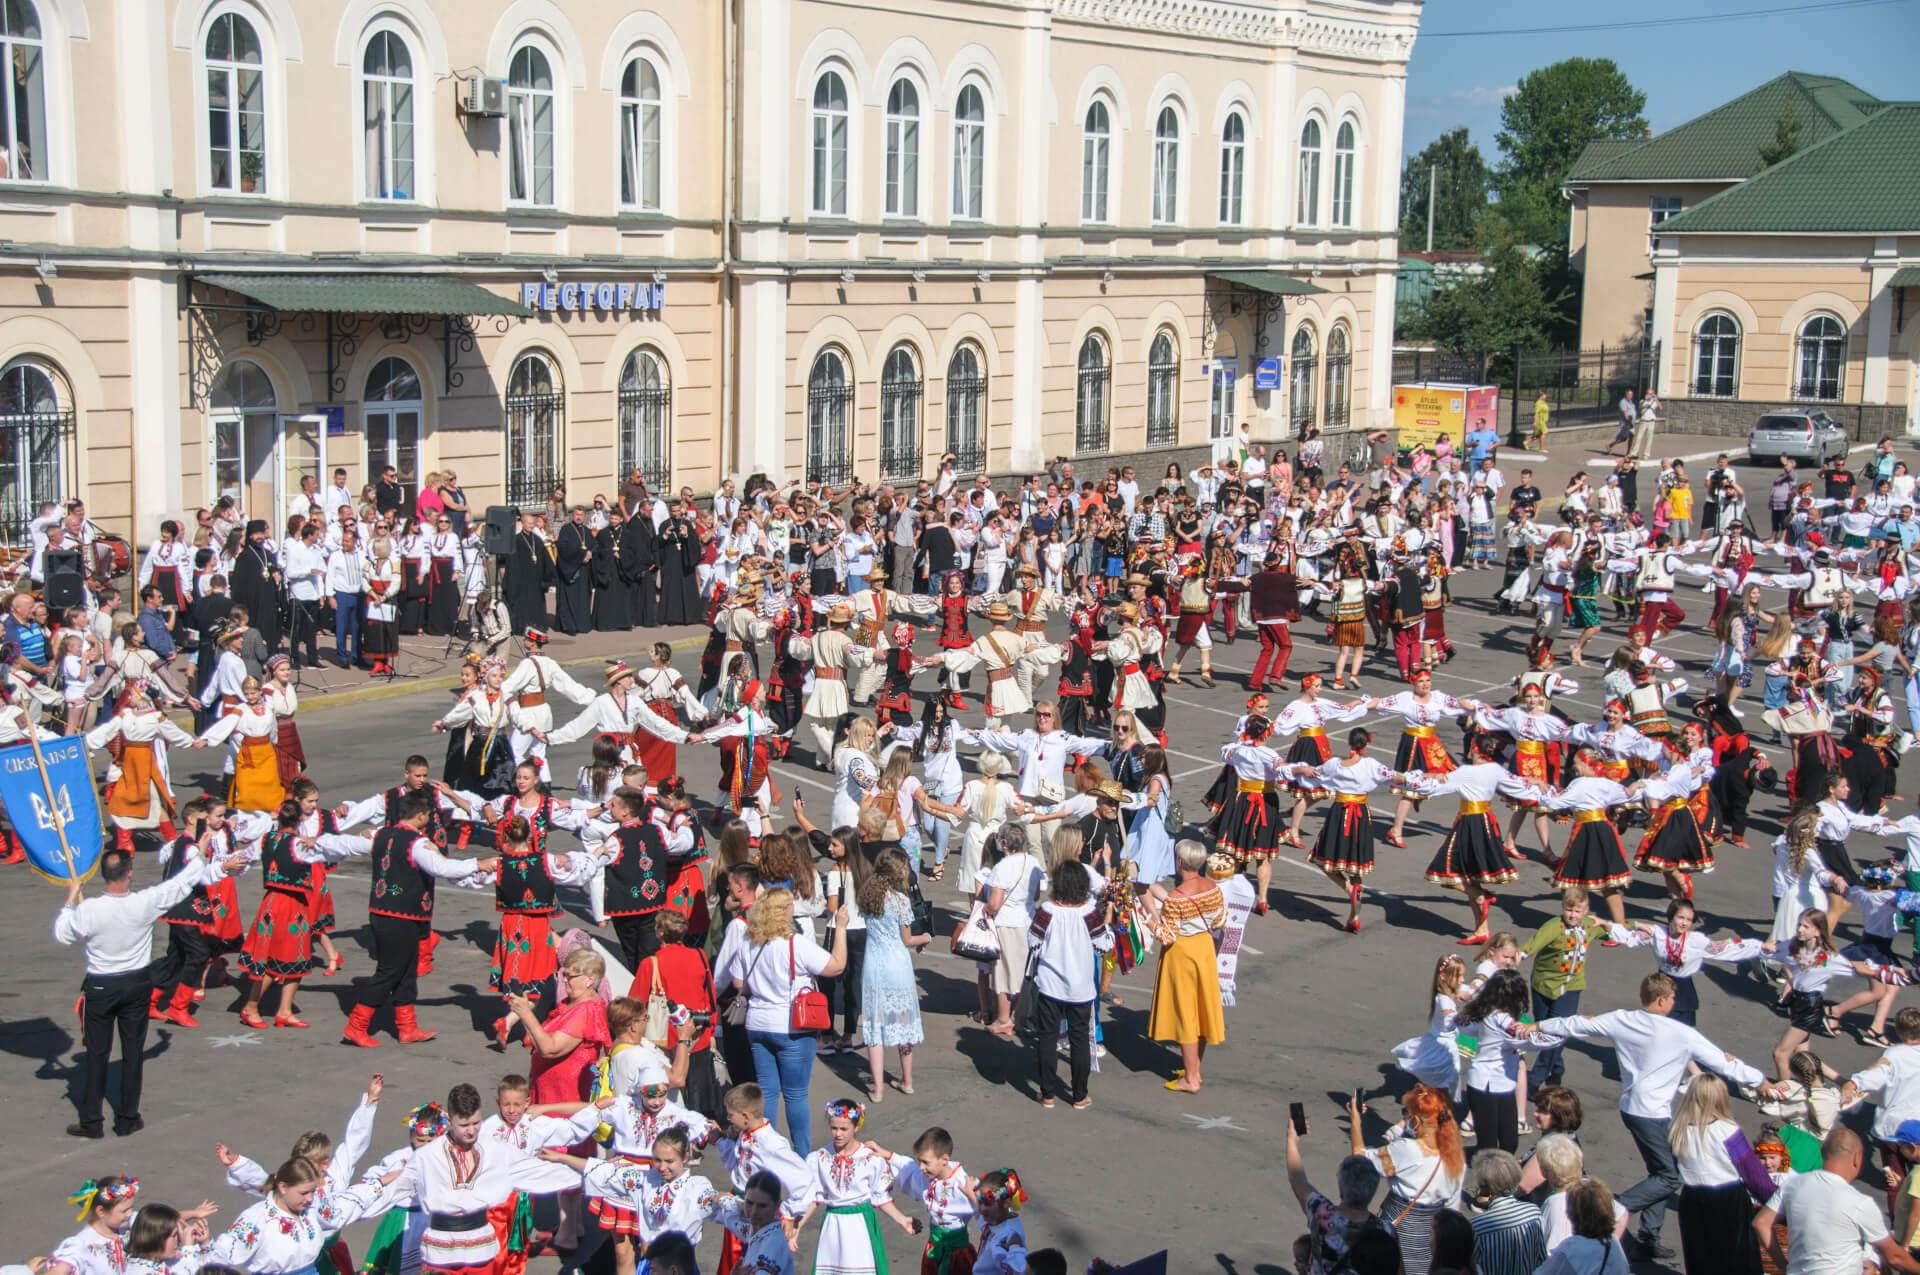 У Коломиї встановили рекорд: 1000 людей танцювали коломийку. Фоторепортаж